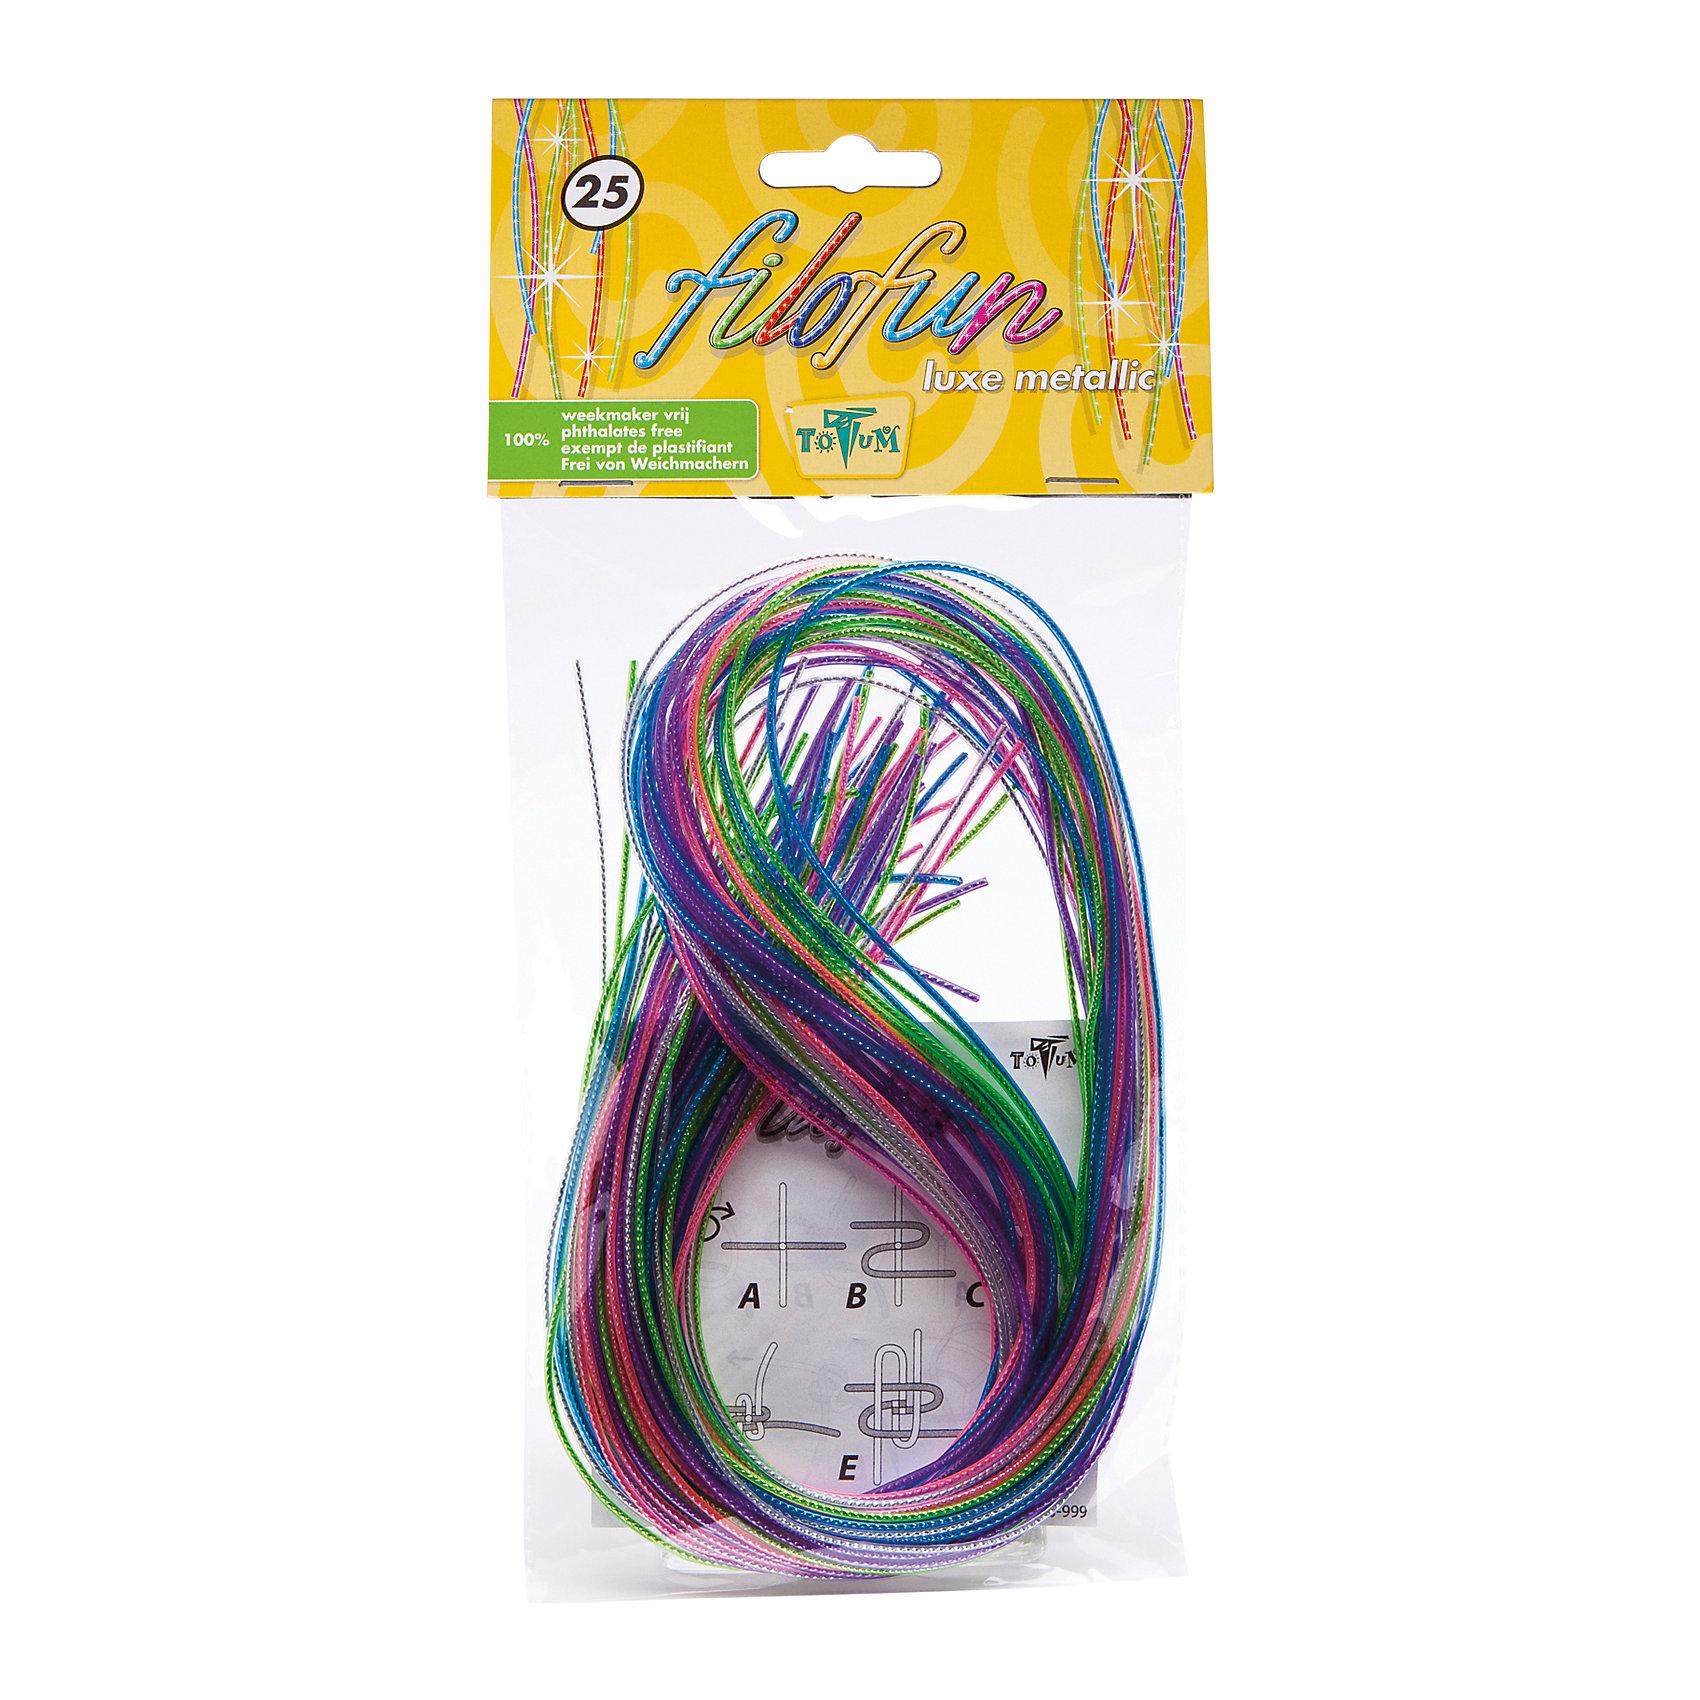 Набор для творчества FILOFUN LUXE METALLIC 25Набор  разноцветных трубочек, в комплекте 25 шт (по 80 см). Из них выйдет не один десяток стильных поделок, браслетов, которые можно торжественно вручить подружкам или сестренке. Набор также можно использовать в дополнение к основному набору FILO DO.<br><br>Ширина мм: 30<br>Глубина мм: 150<br>Высота мм: 120<br>Вес г: 91<br>Возраст от месяцев: 36<br>Возраст до месяцев: 84<br>Пол: Унисекс<br>Возраст: Детский<br>SKU: 5032623